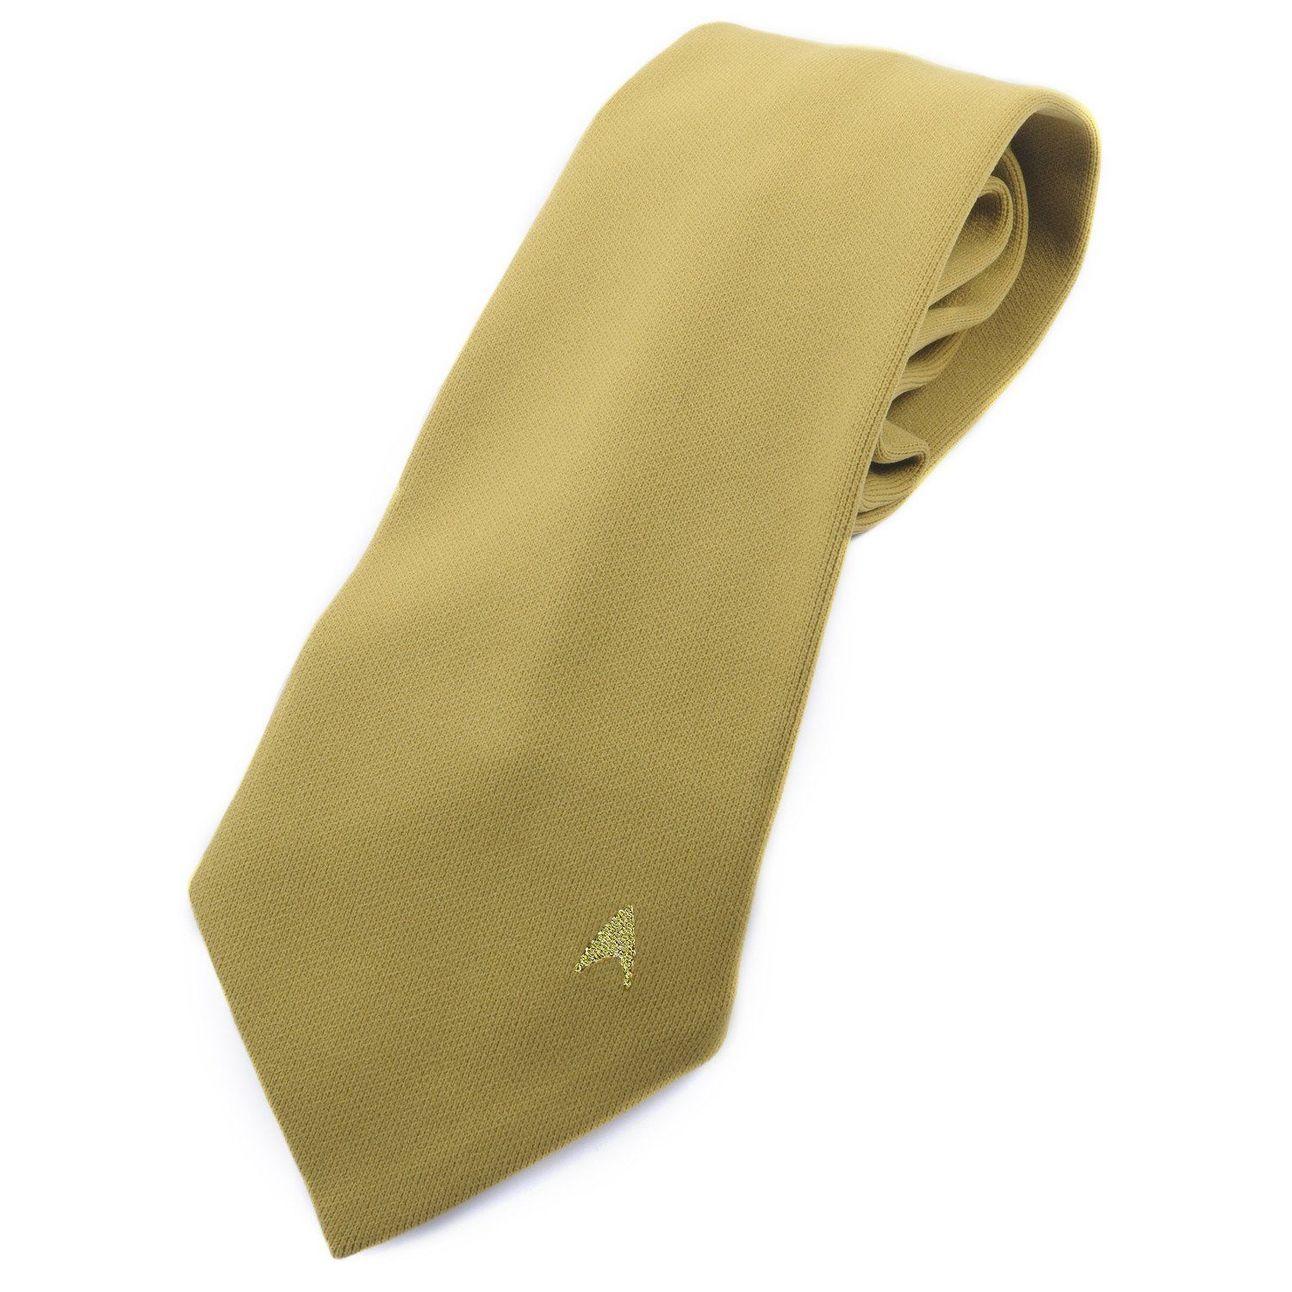 Star Trek The Original Series Men's Novelty Necktie in Command Gold